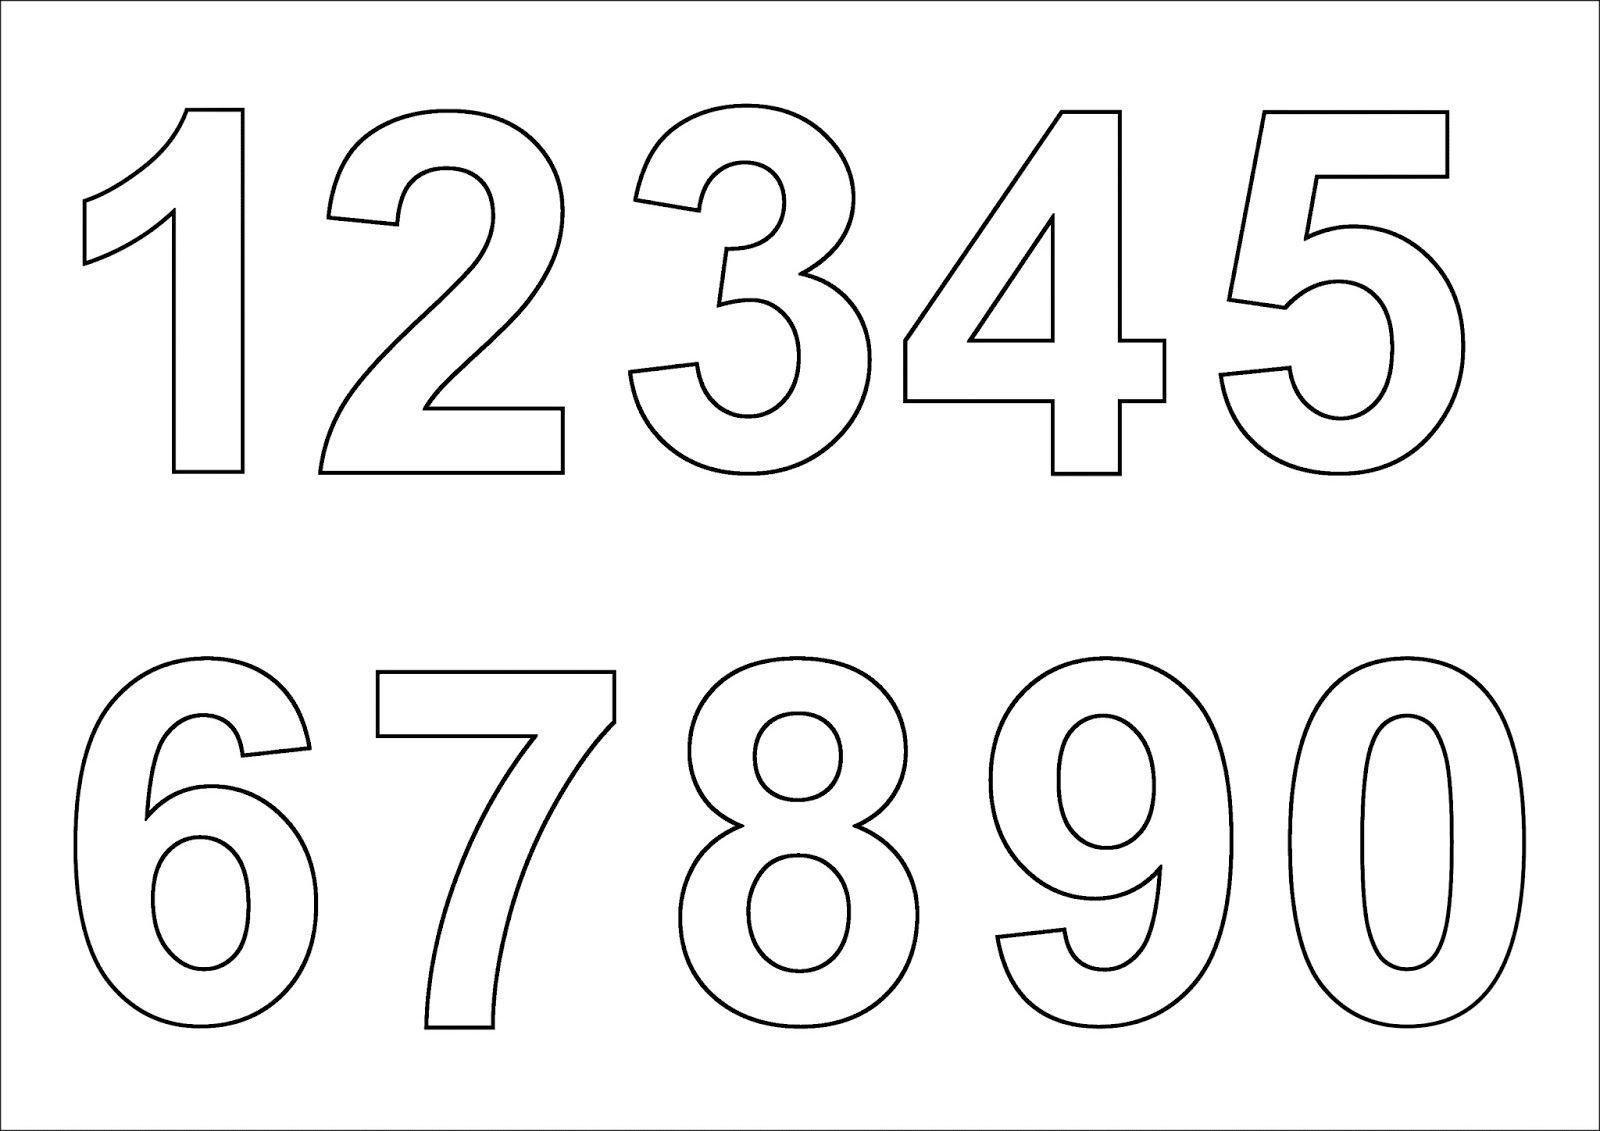 Как сделать трафарет из цифр своими руками